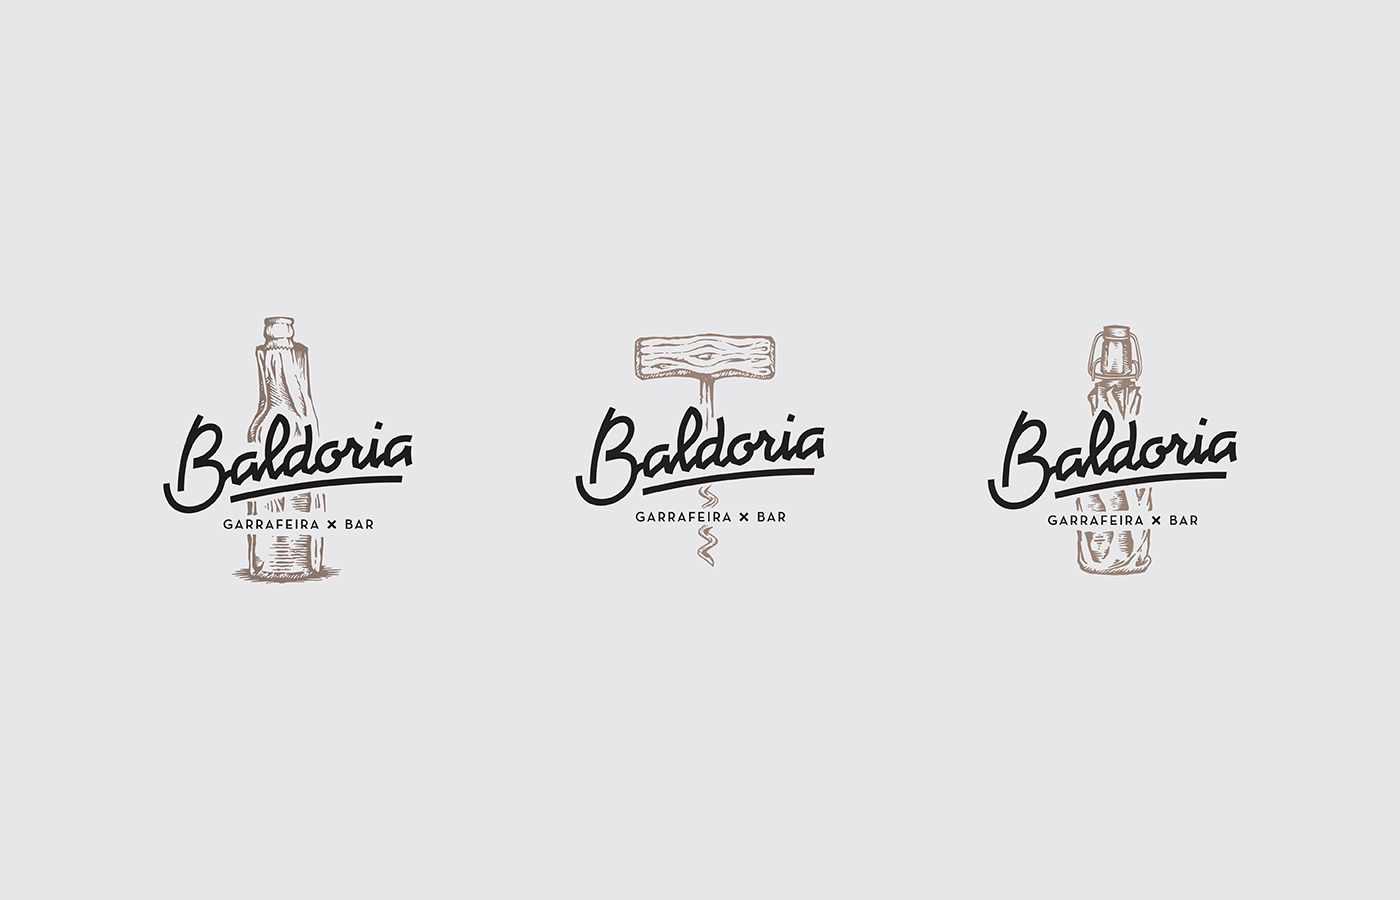 Baldoria